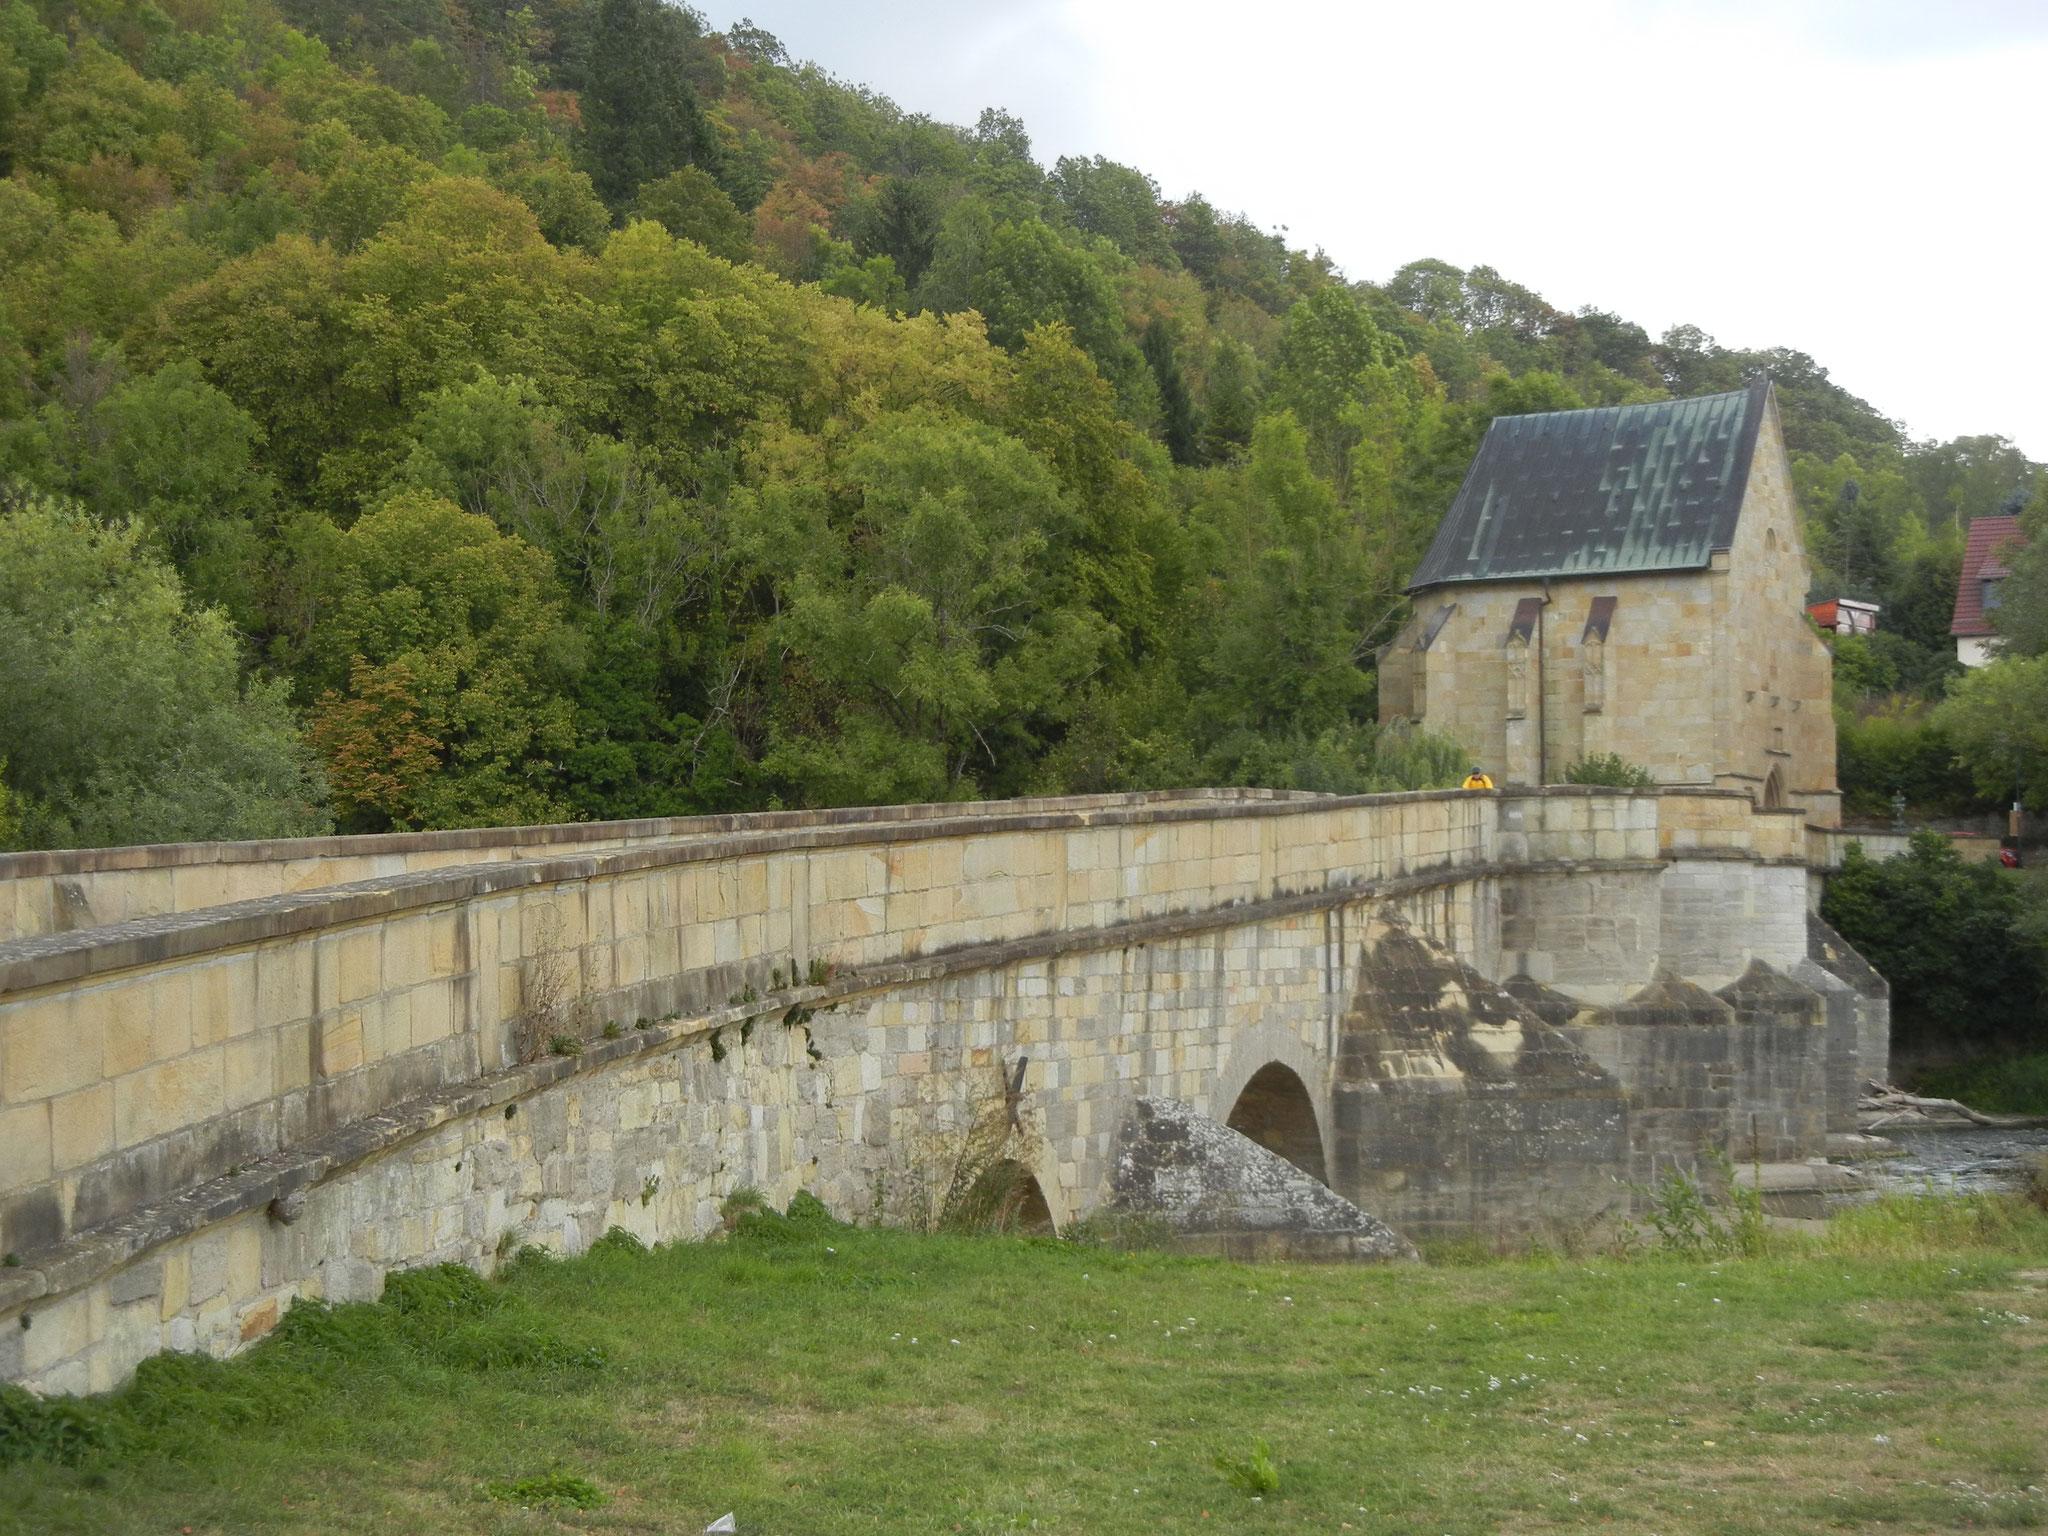 Werrabrücke in Creuzburg aus dem Jahr 1223